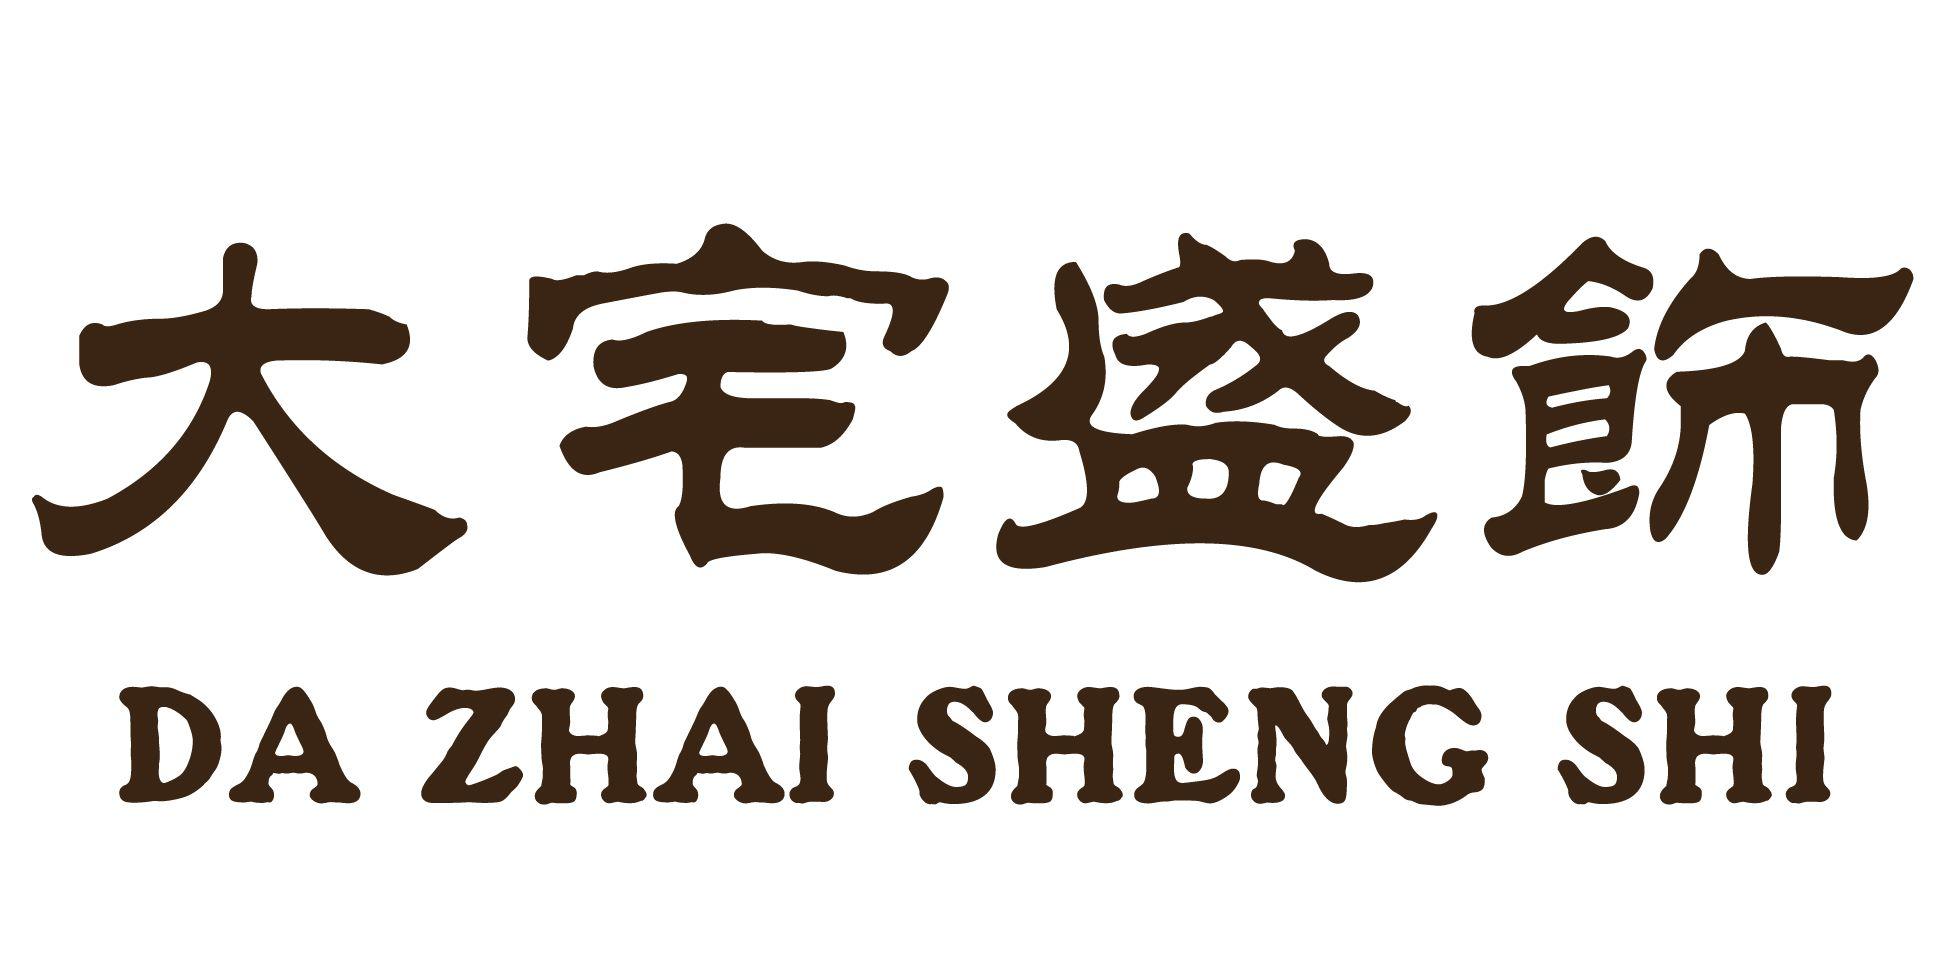 潍坊大宅盛饰软装设计有限公司